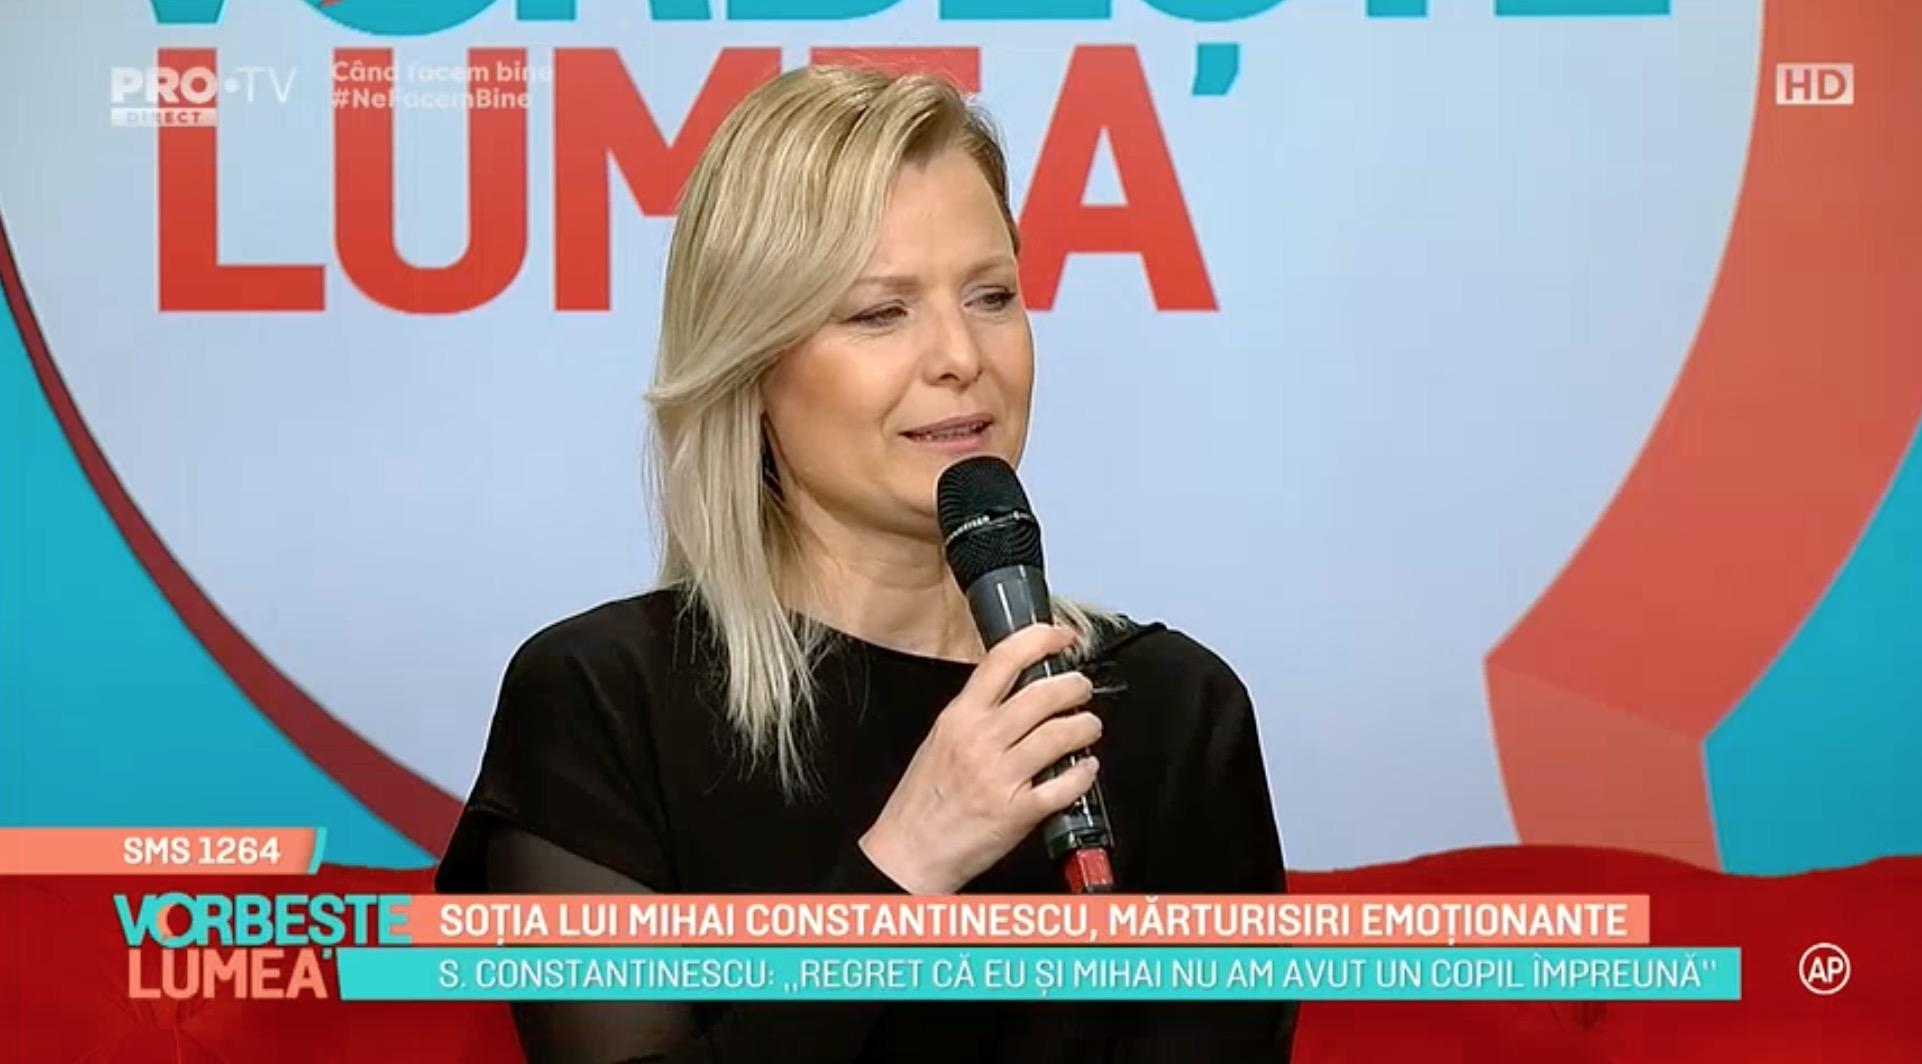 Soția lui Mihai Constantinescu l-a visat, ce i-a spus acesta în vis. Îți dau lacrimile